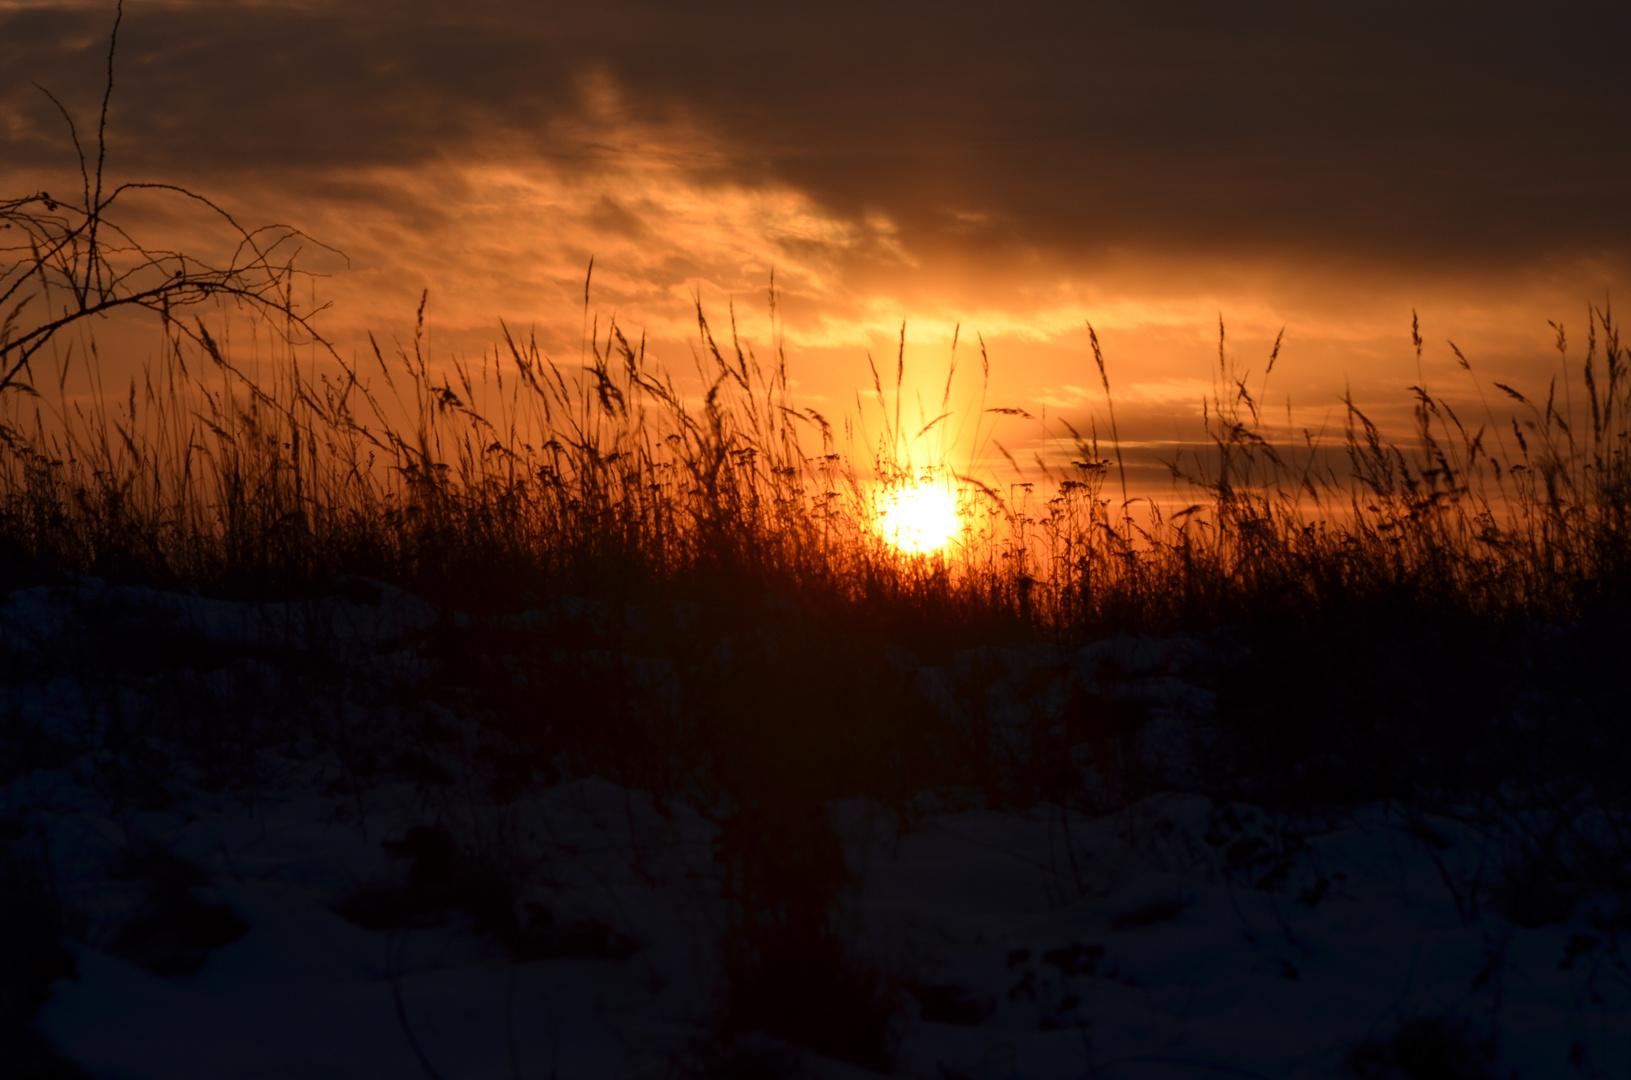 himmlischer Sonnenuntergang